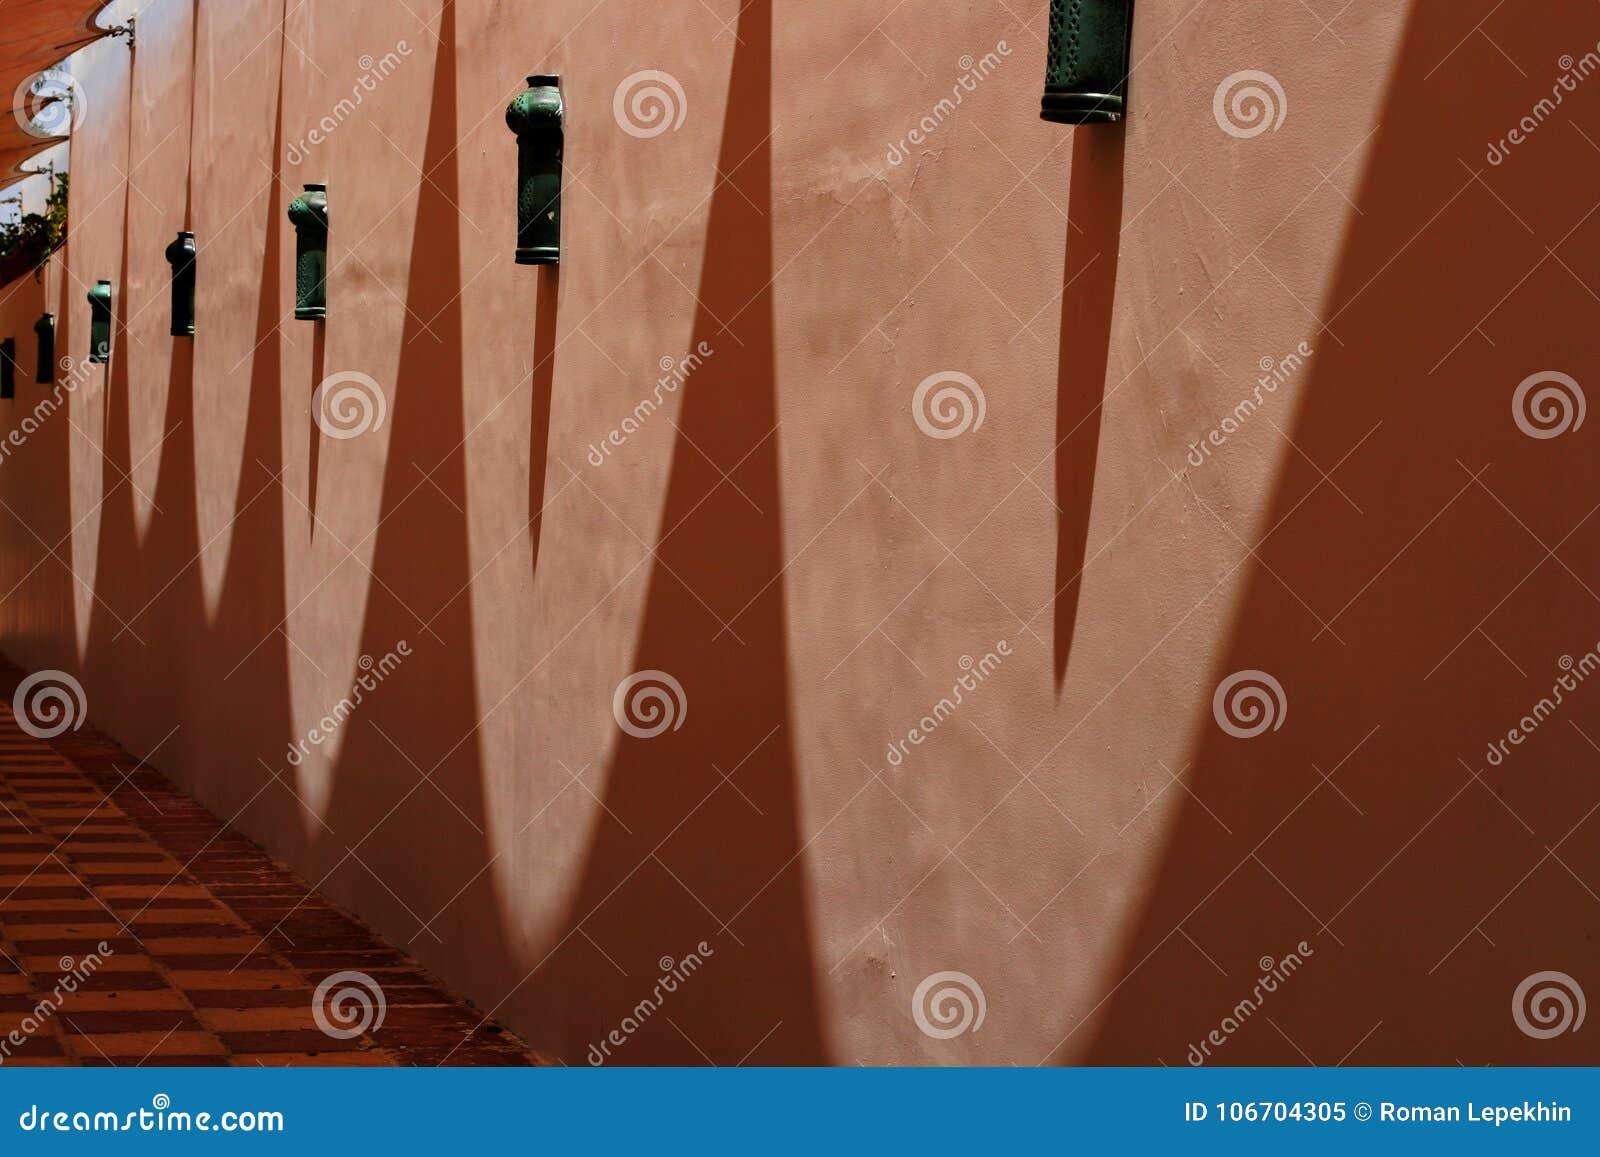 Sombras en la pared de una forma oval